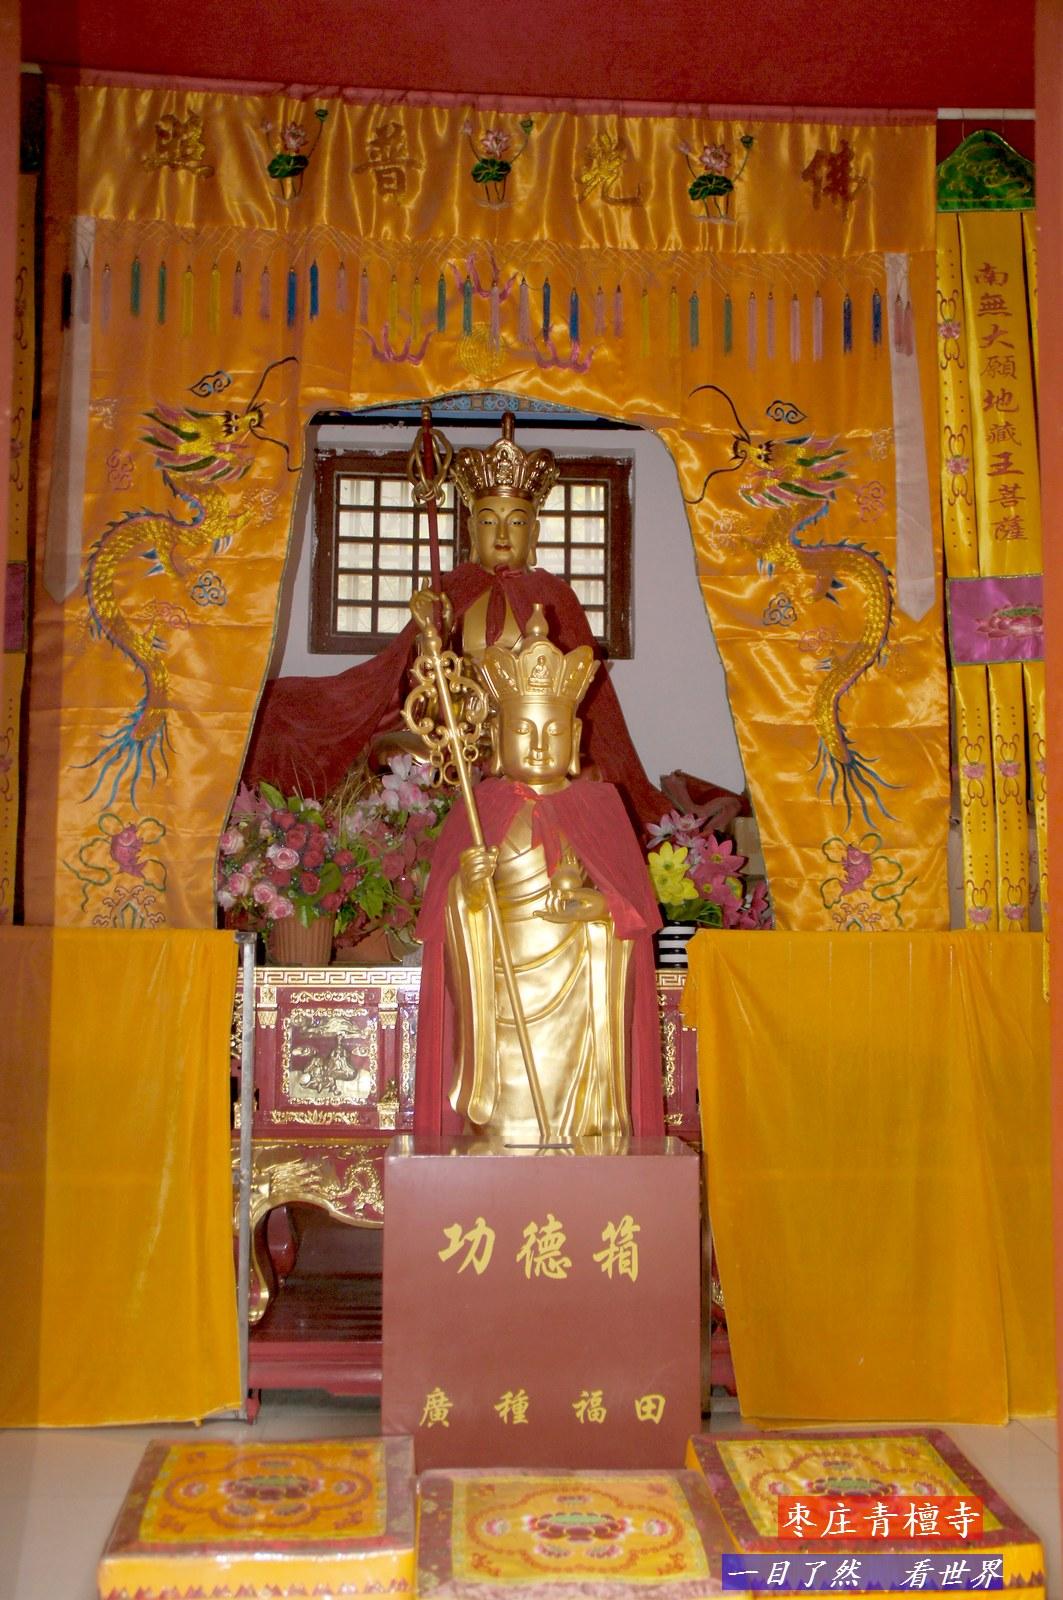 枣庄青檀寺-021-1600.jpg